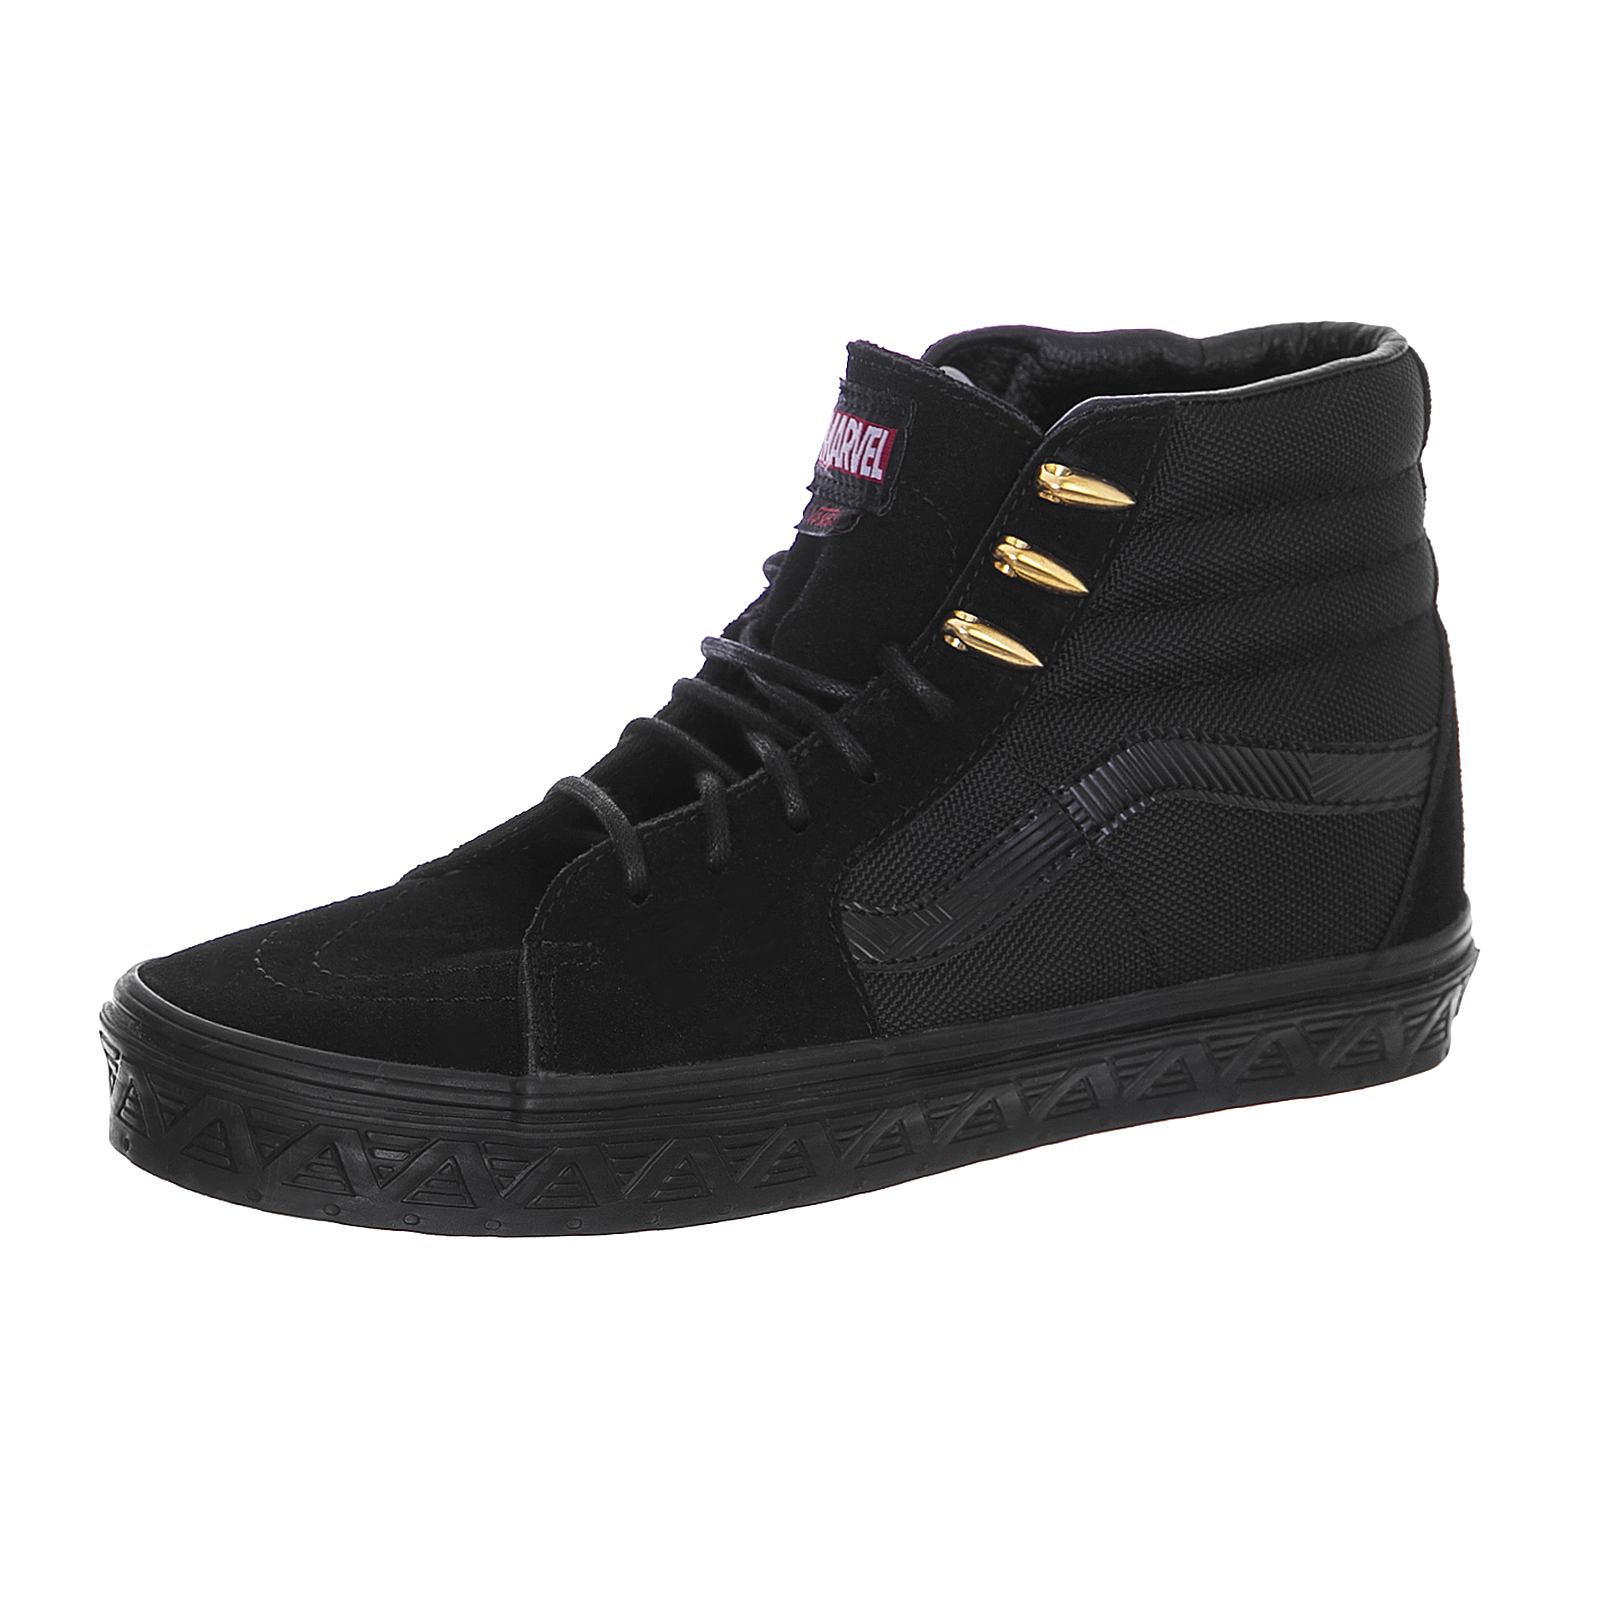 Vans Turn  scarpe Ua sk8 -hallo (Marvel) nero Panther  nero nero  il più economico